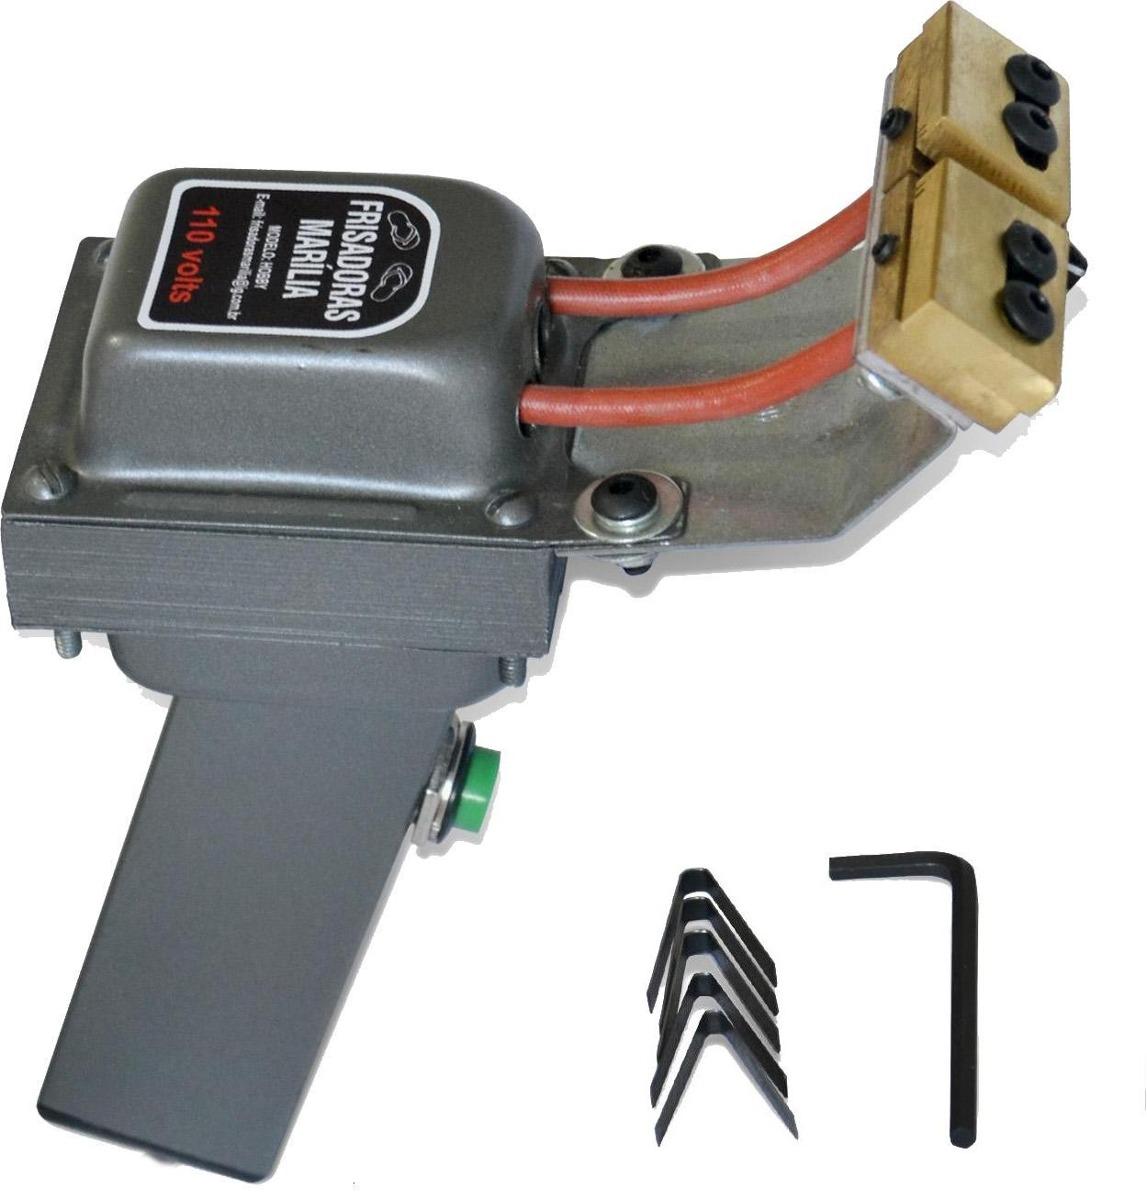 e095565a9 maquina de cortar e frisar chinelos 110v - com guia e manual. Carregando  zoom.